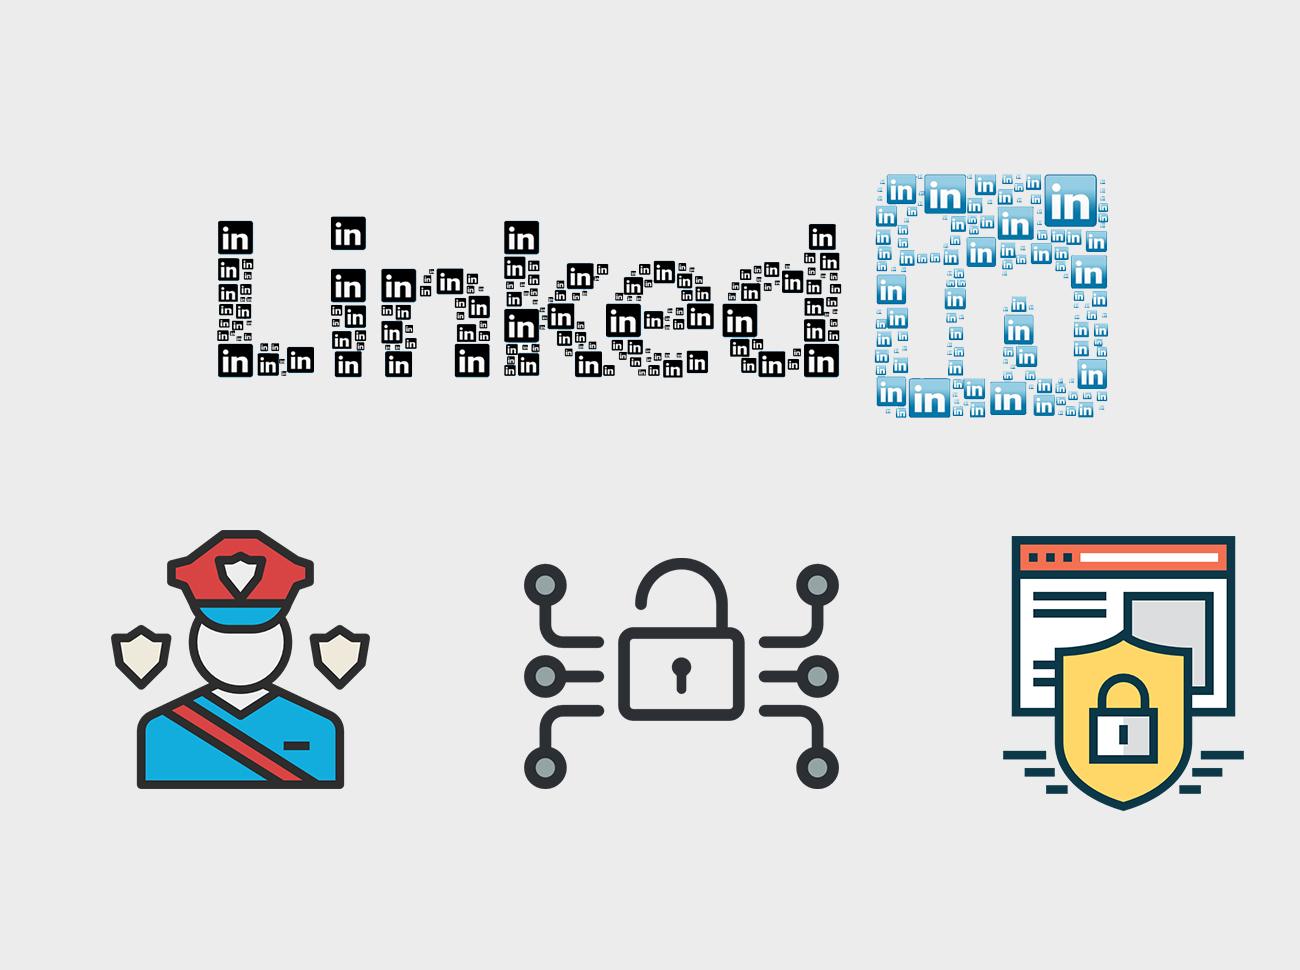 Linkedin'deki Dolandırıcılık Oyununa Dikkat Edin